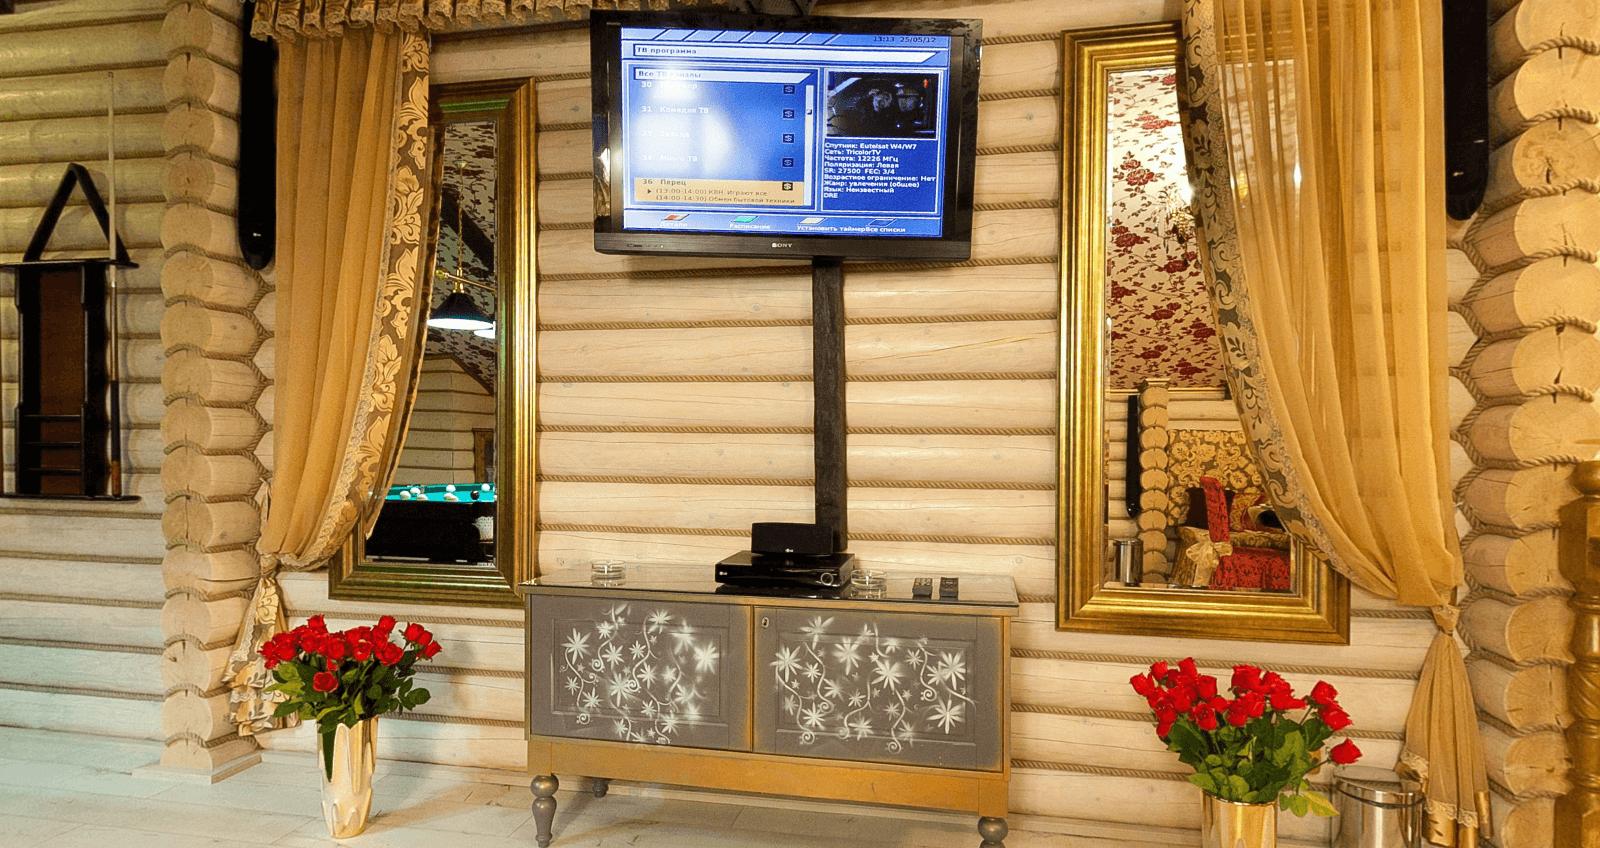 Баня 4 отдых в русских традициях